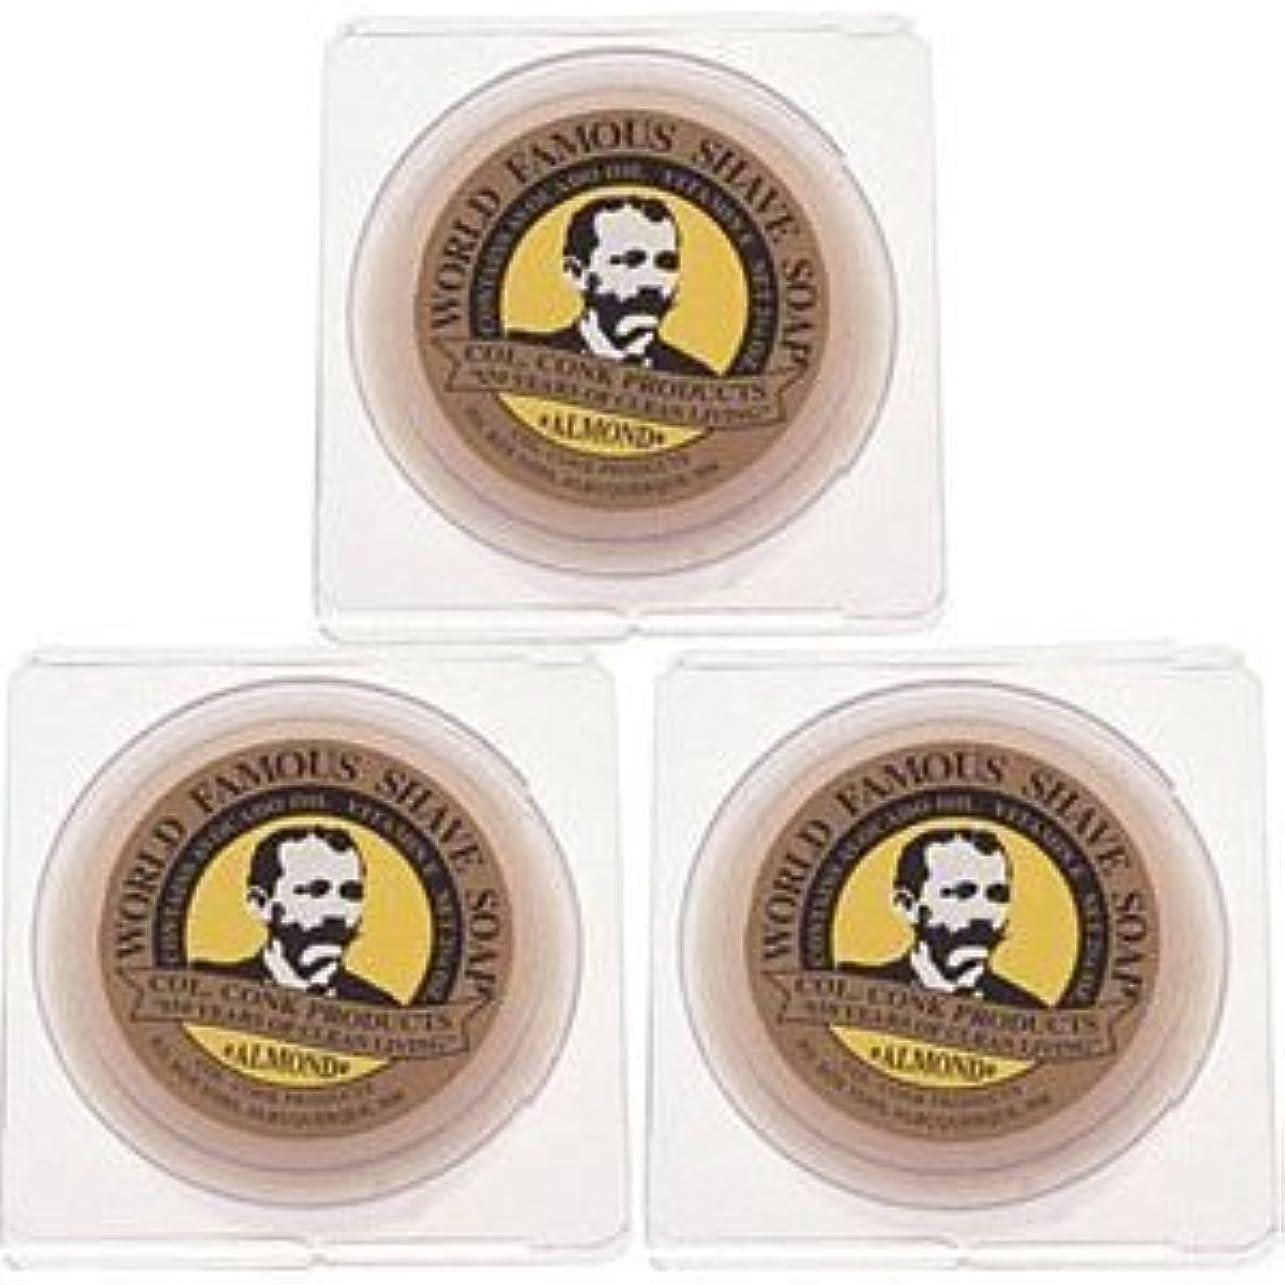 放射性補充最も早いCol. Conk World's Famous Shaving Soap Almond * 3 - Pack * Each Net Weight 2.25 Oz by Colonel Conk [並行輸入品]